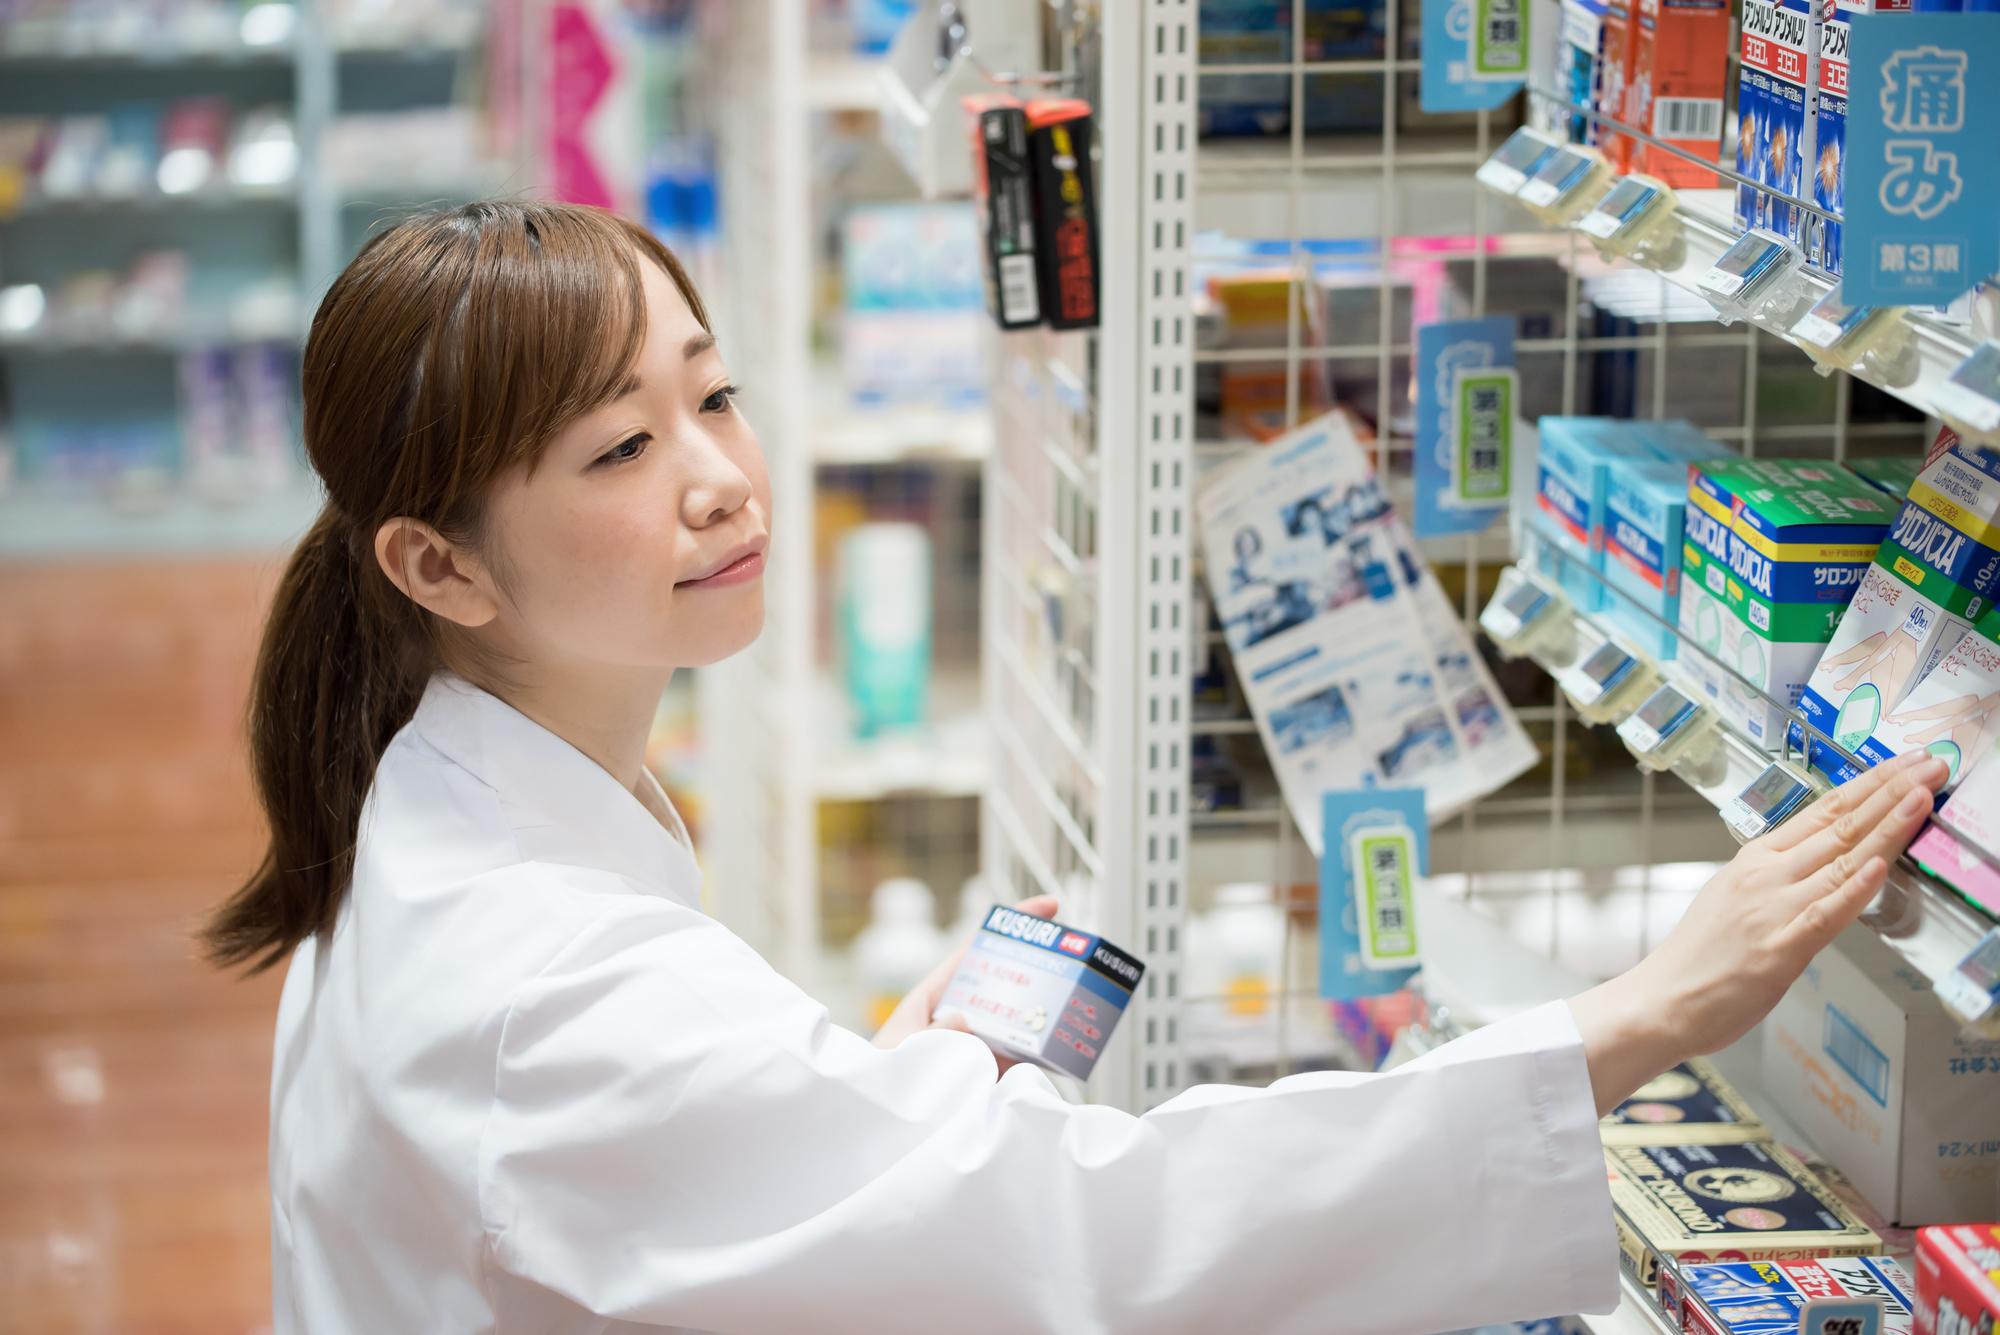 家庭用常備薬の売り場はこうしてつくる【ドラッグストアの売り場づくり】